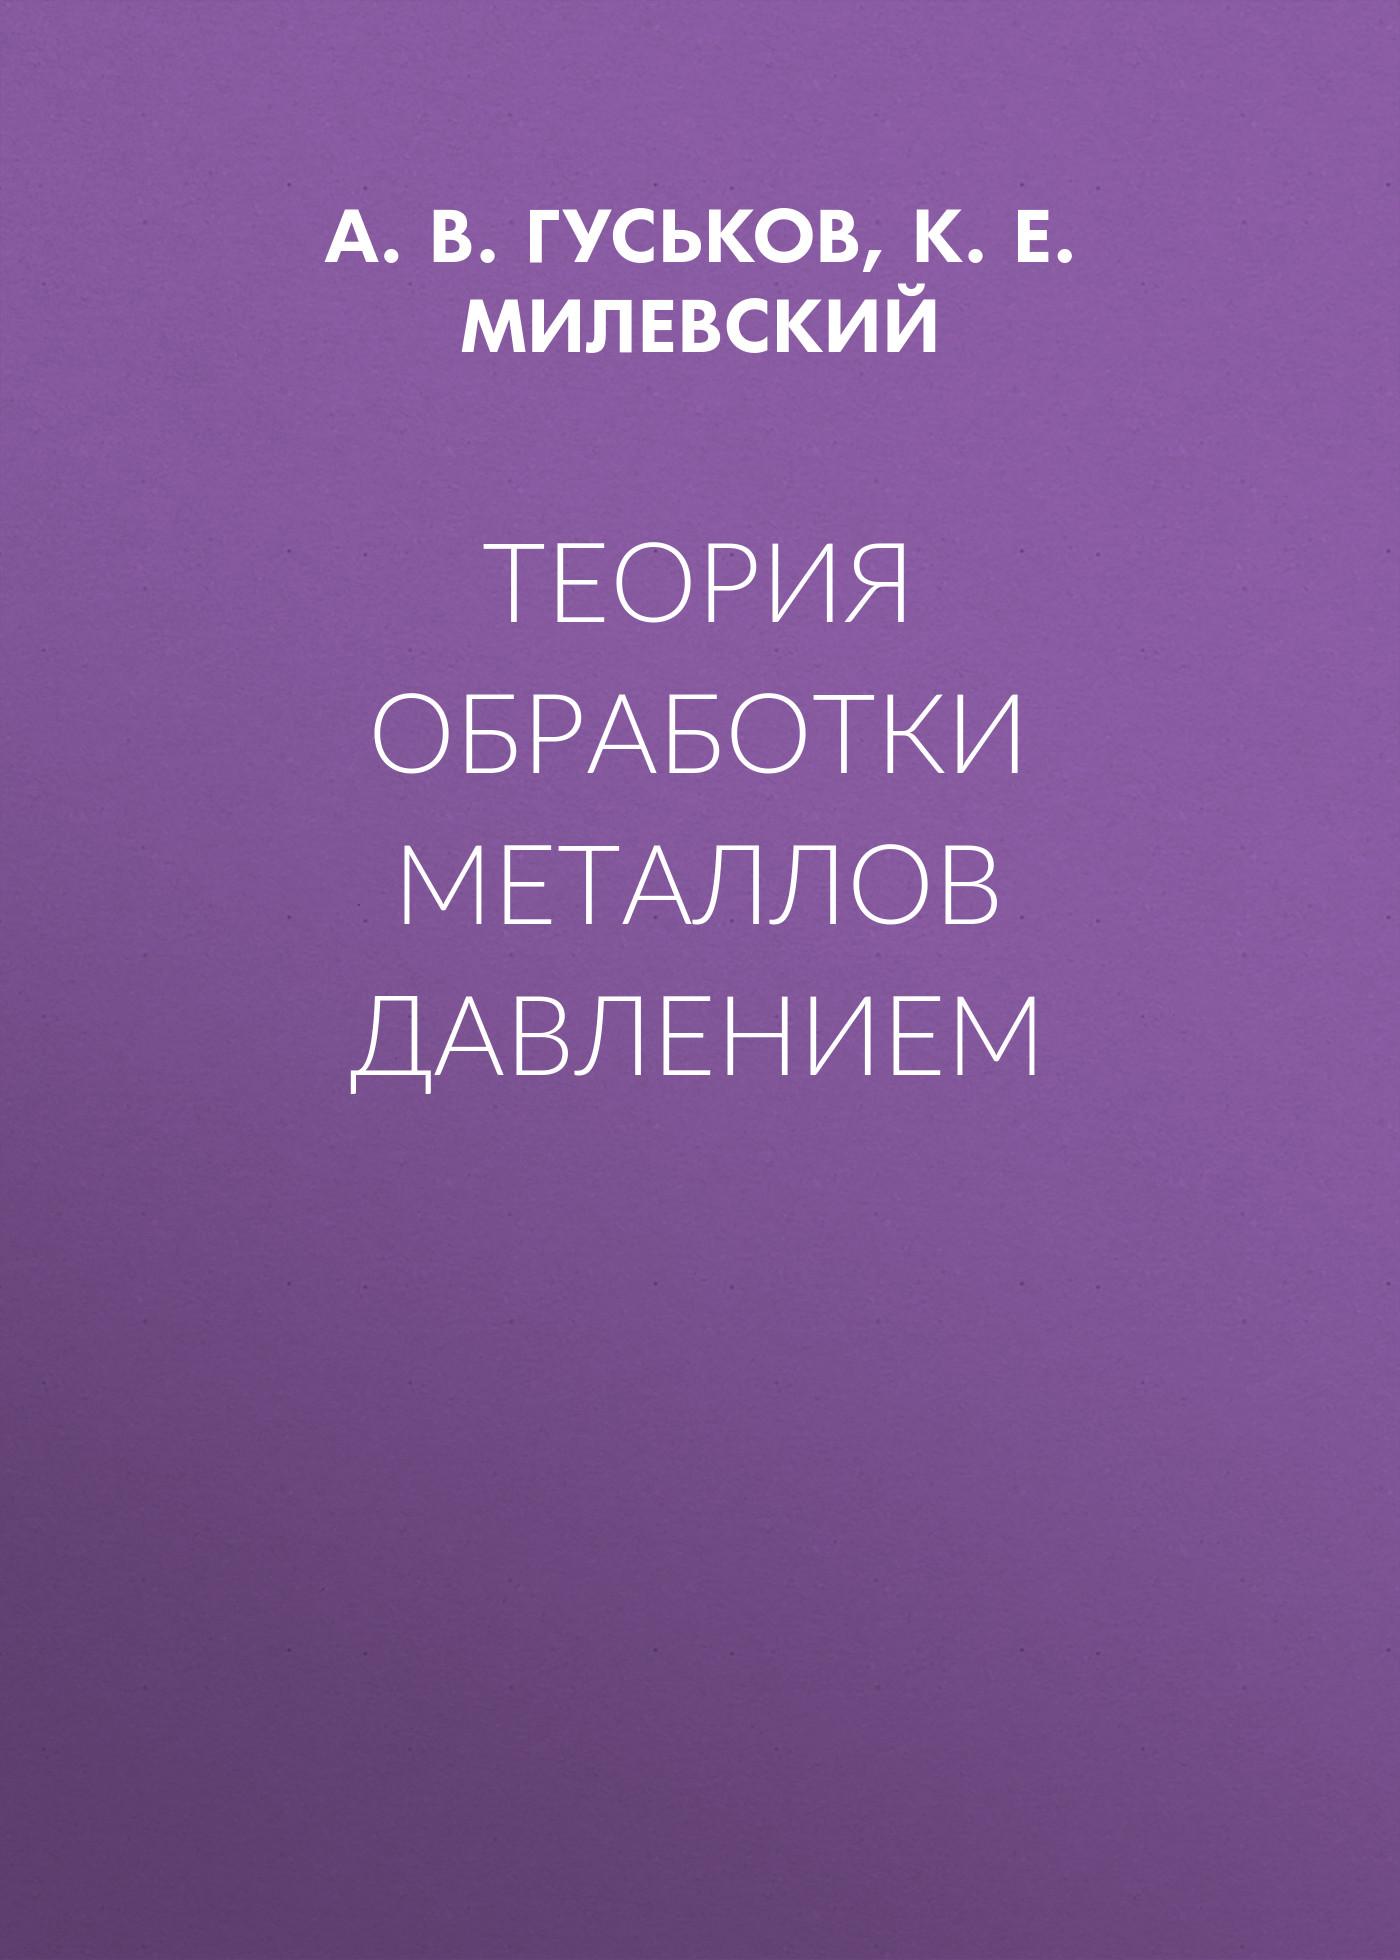 А. В. Гуськов Теория обработки металлов давлением а в гуськов теория обработки металлов давлением